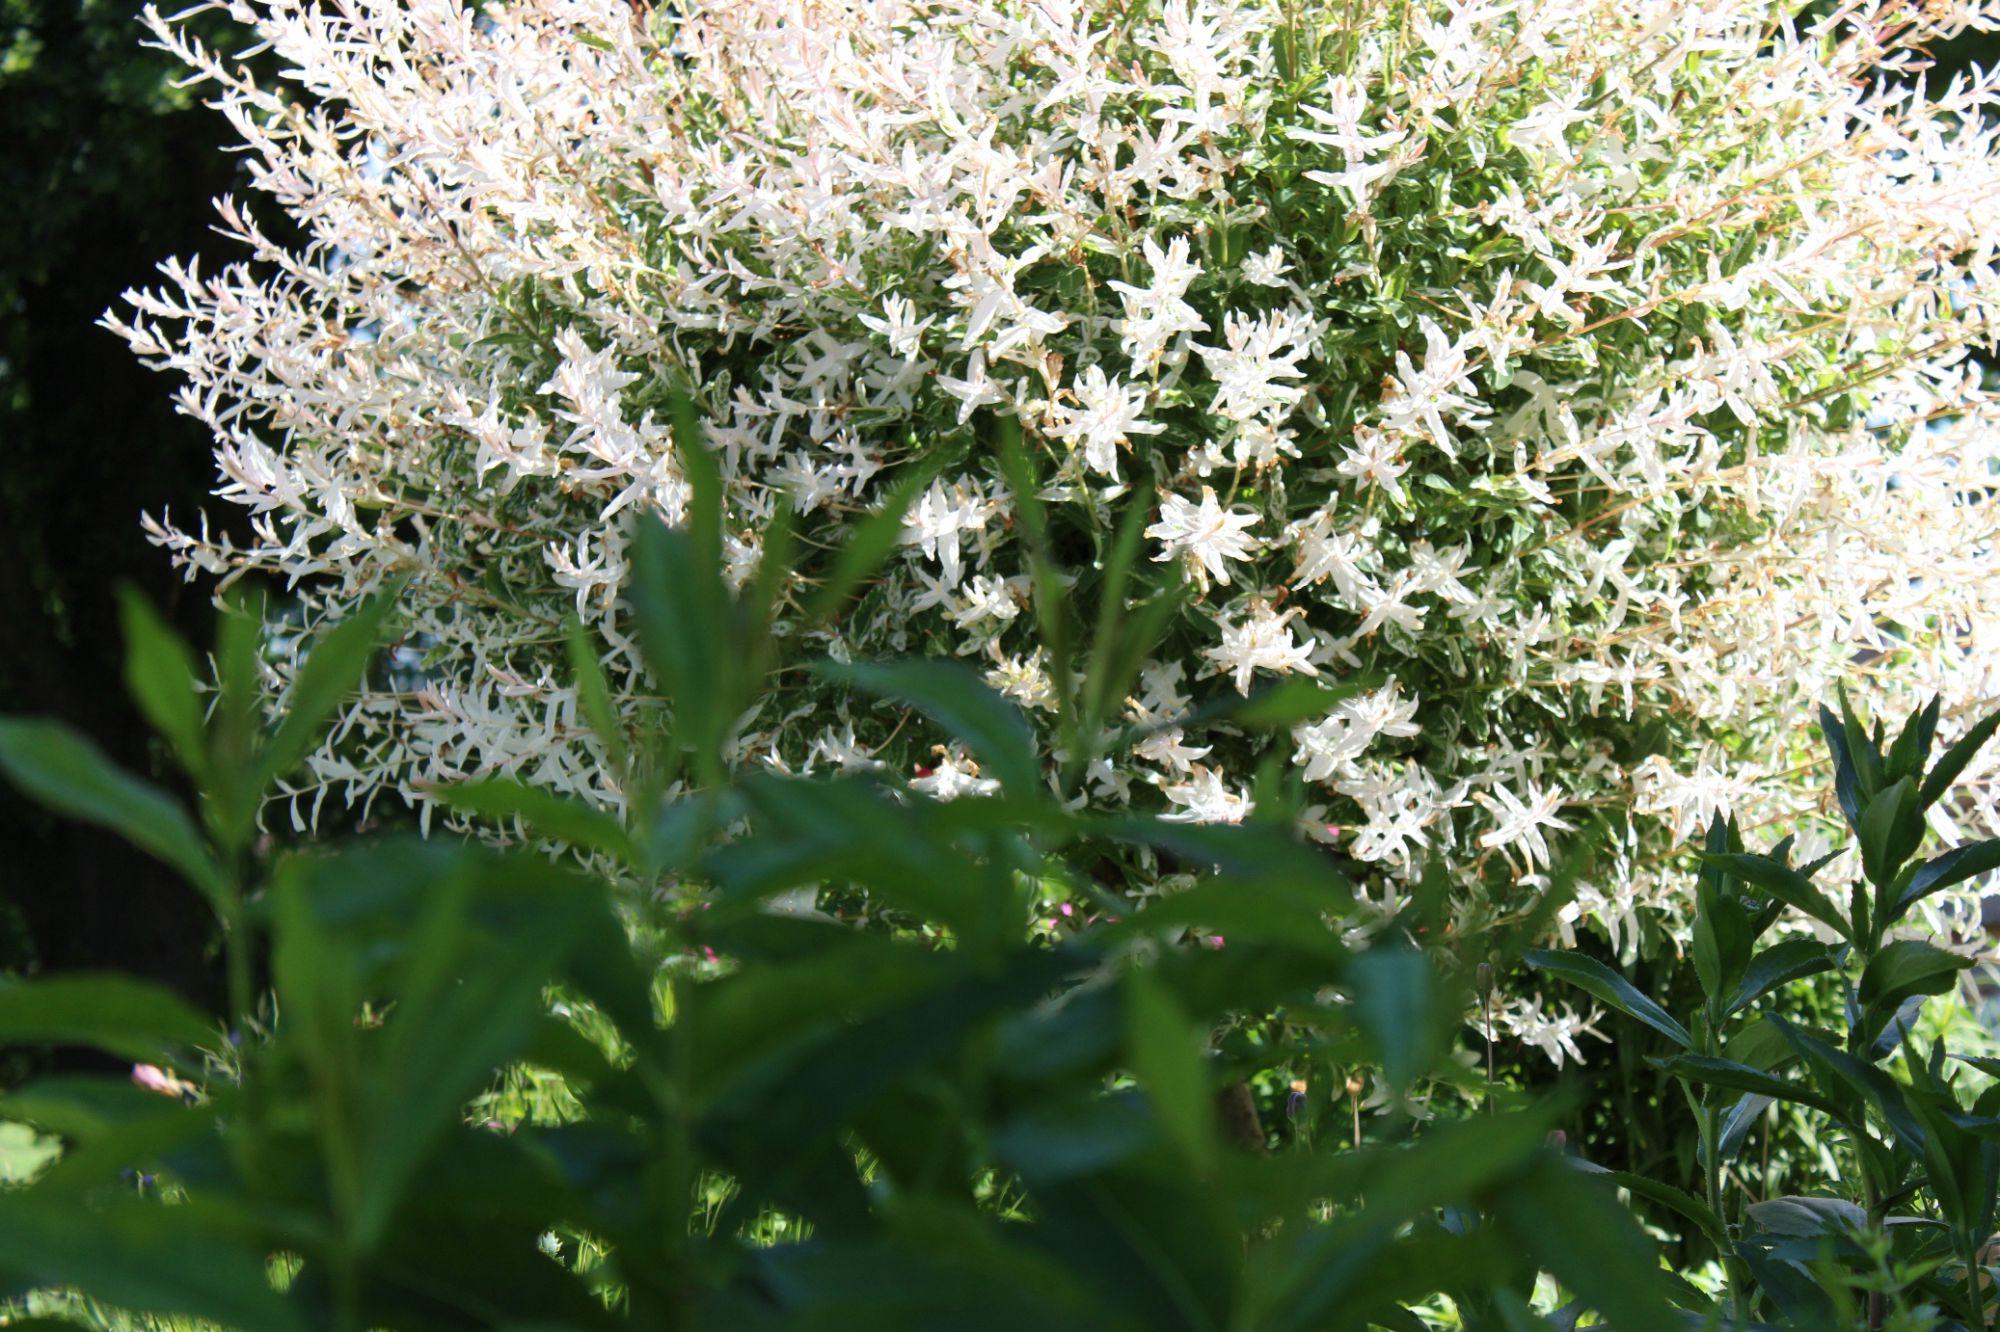 Garten, Der Rabe im Schlamm, Harlekinweide